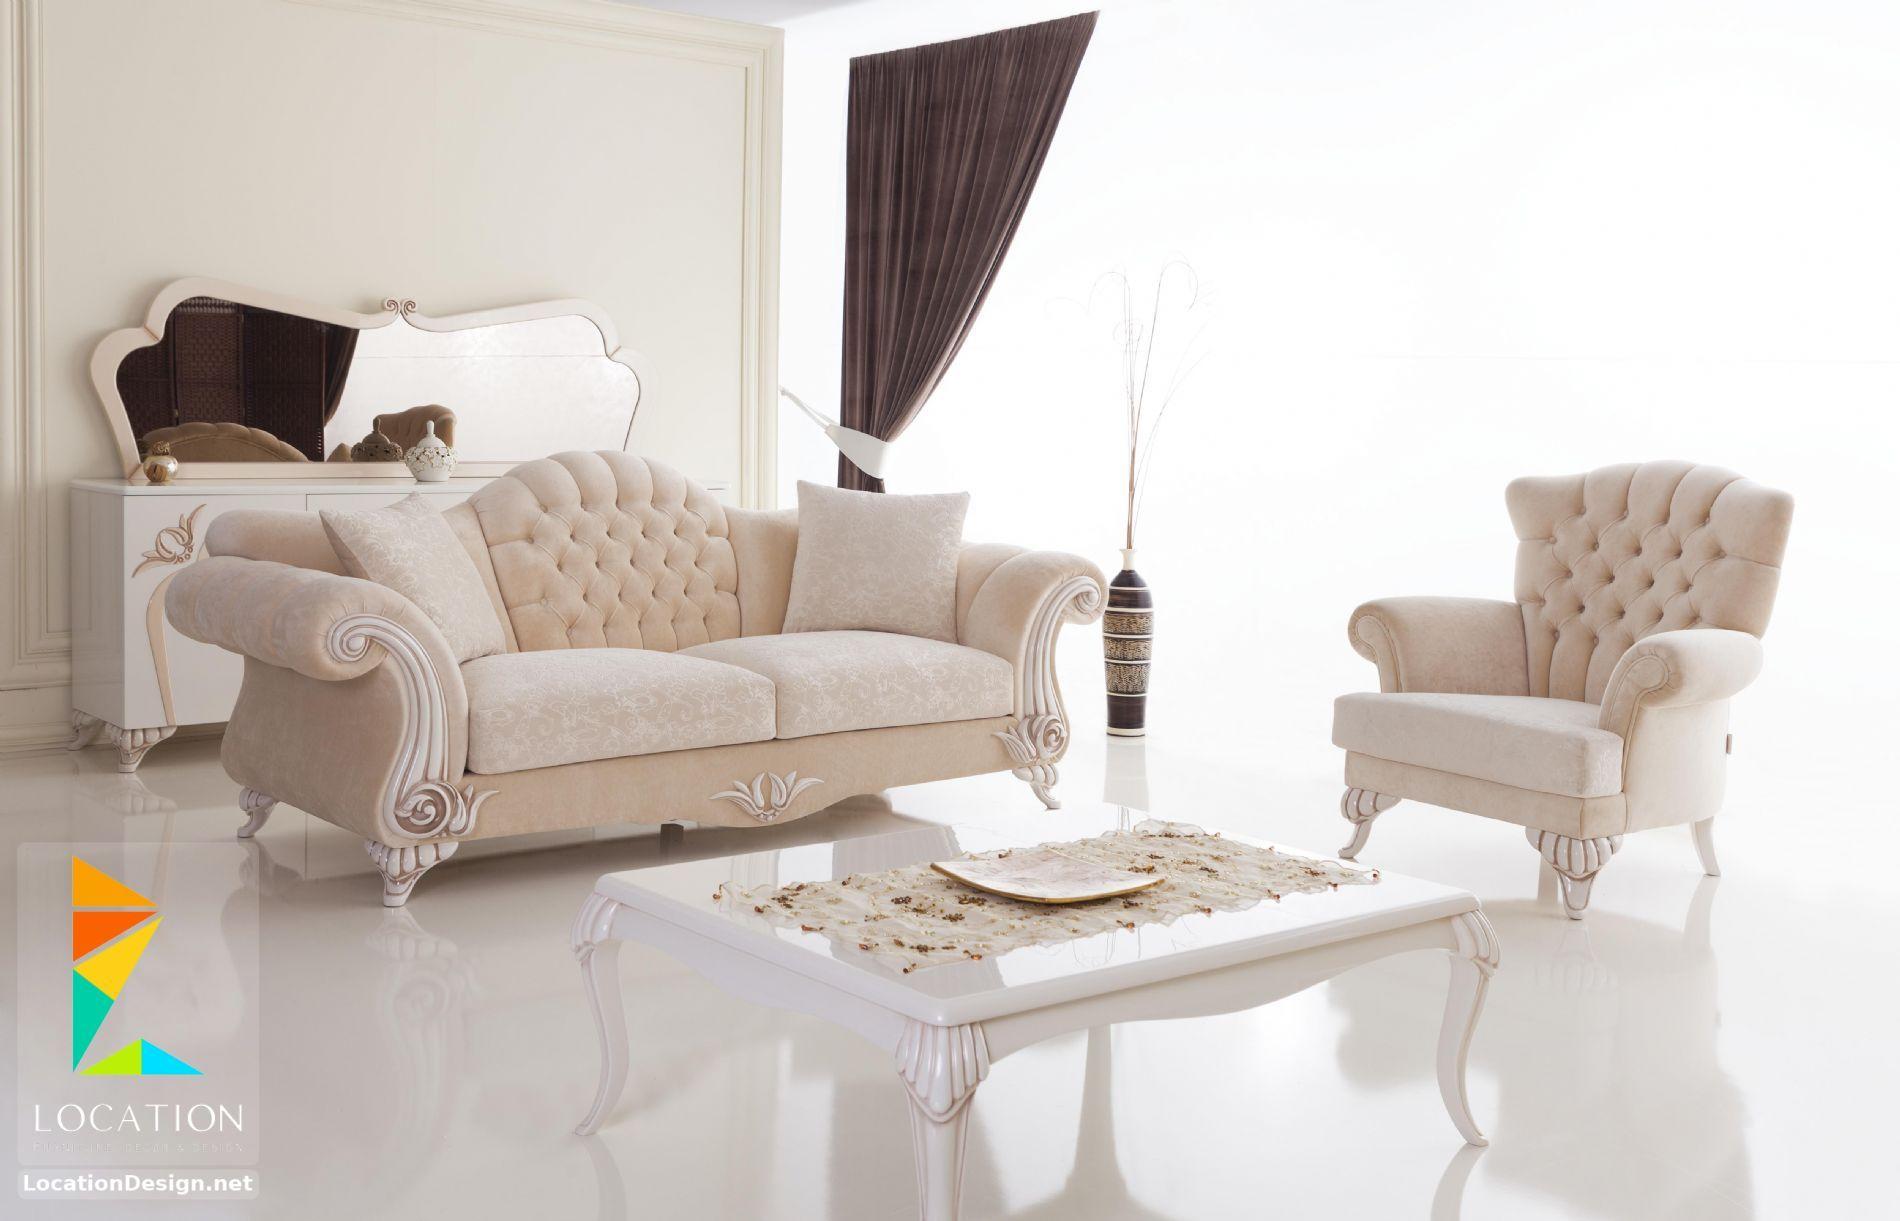 الوان انتريهات مودرن 2019 2020 Furniture Living Room Designs Home Design Living Room